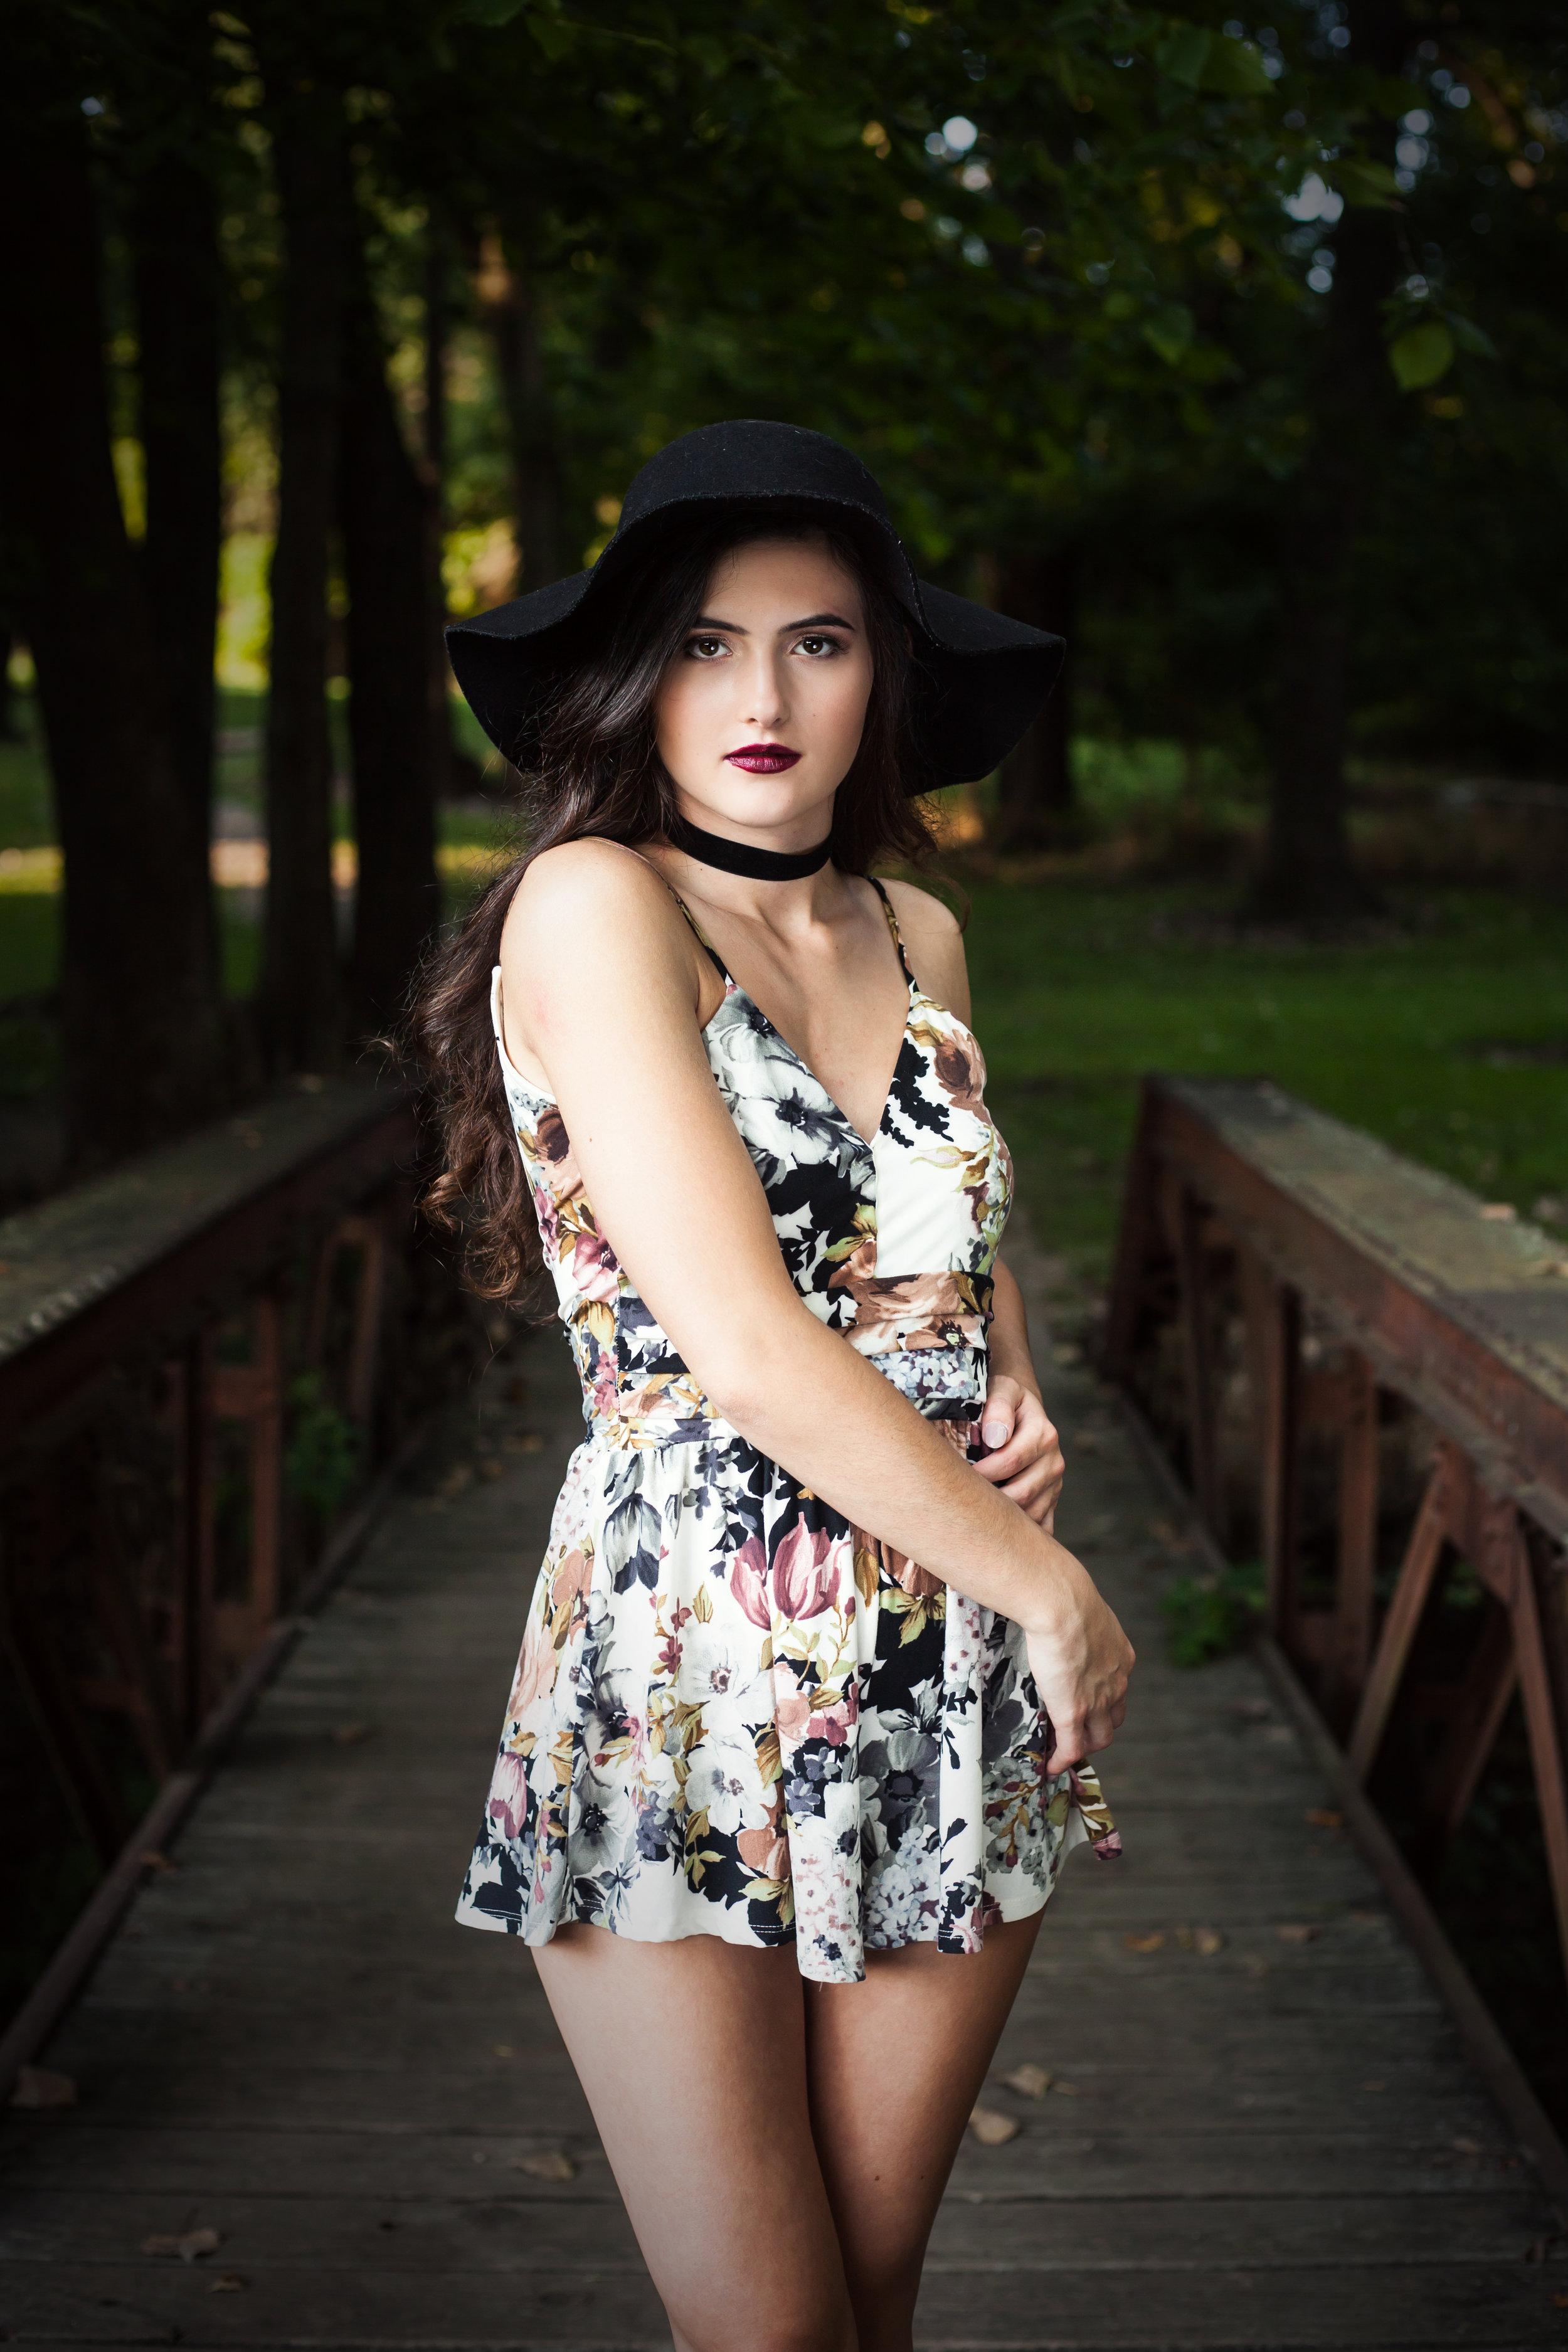 Sarah L. - 2018 Senior WHS